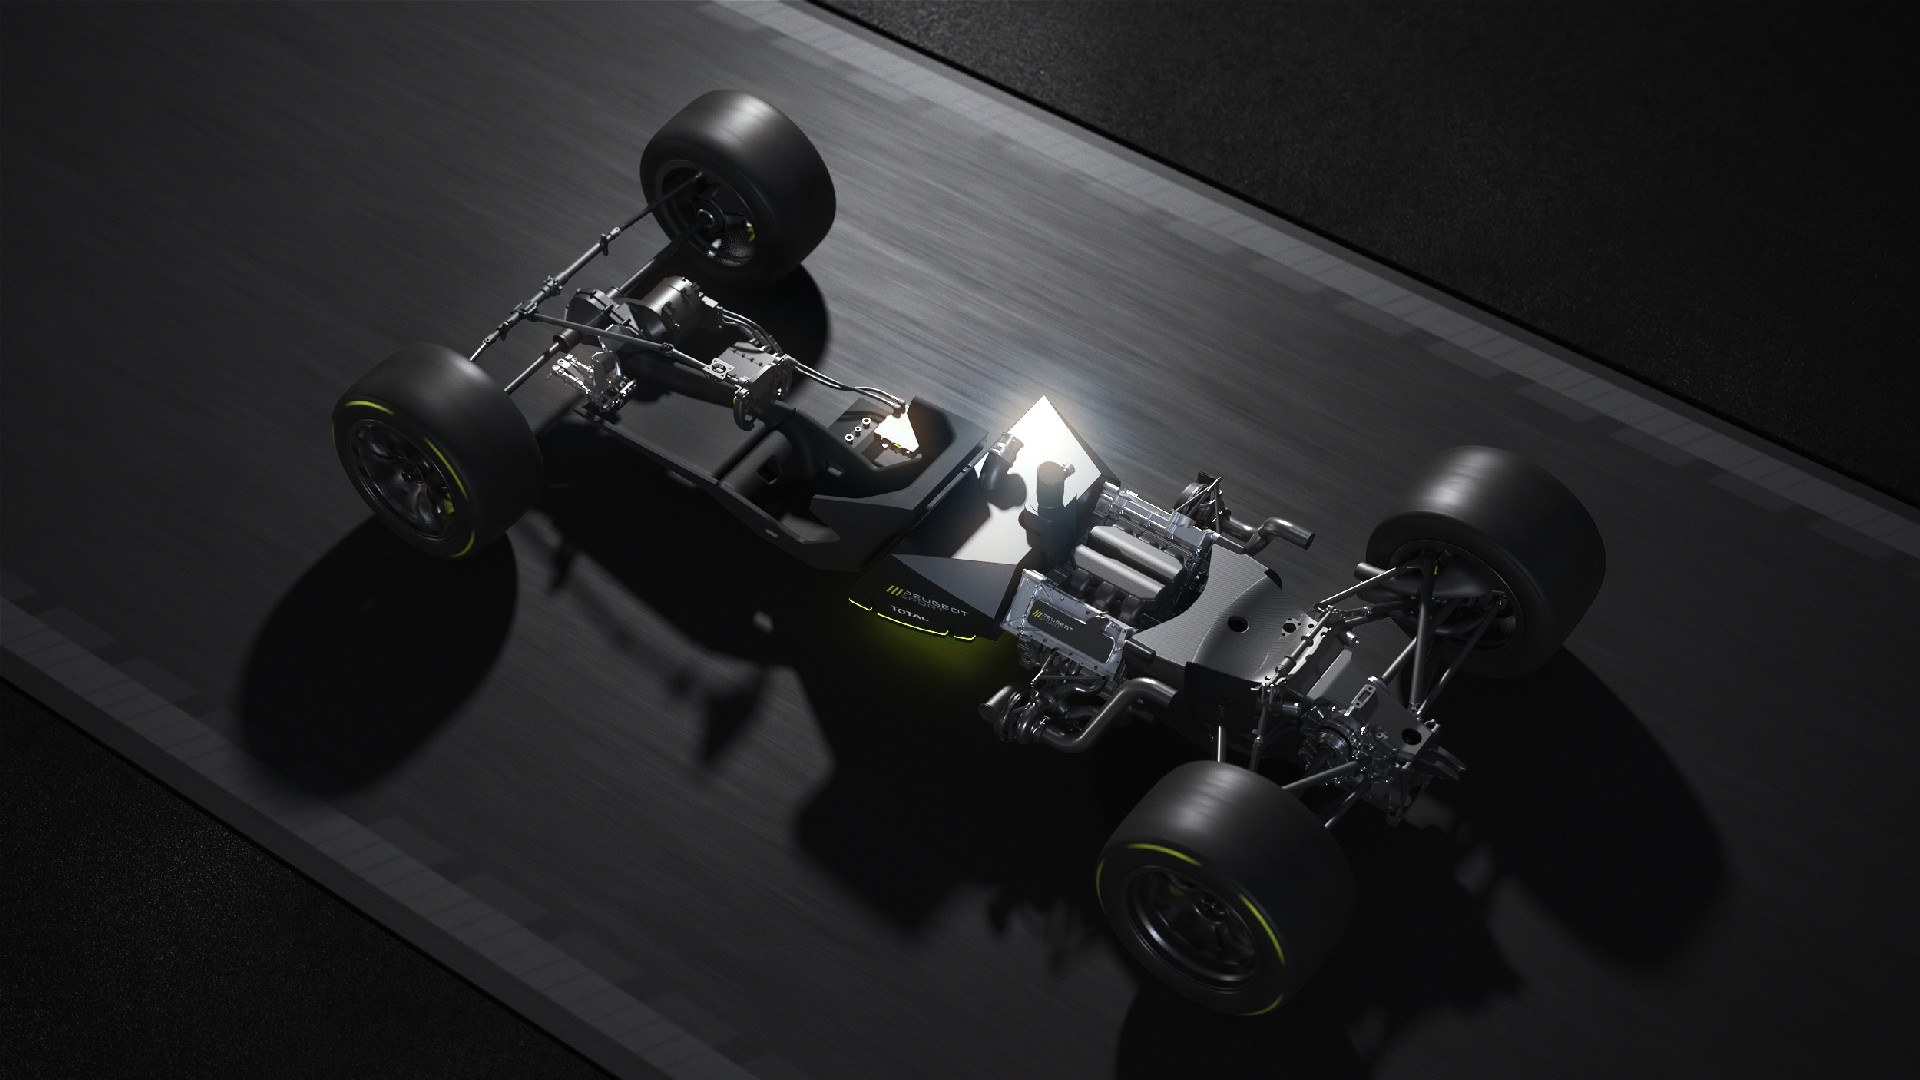 Ya conocemos más detalles del Peugeot HYBRID4 500 kW para la categoría LMH